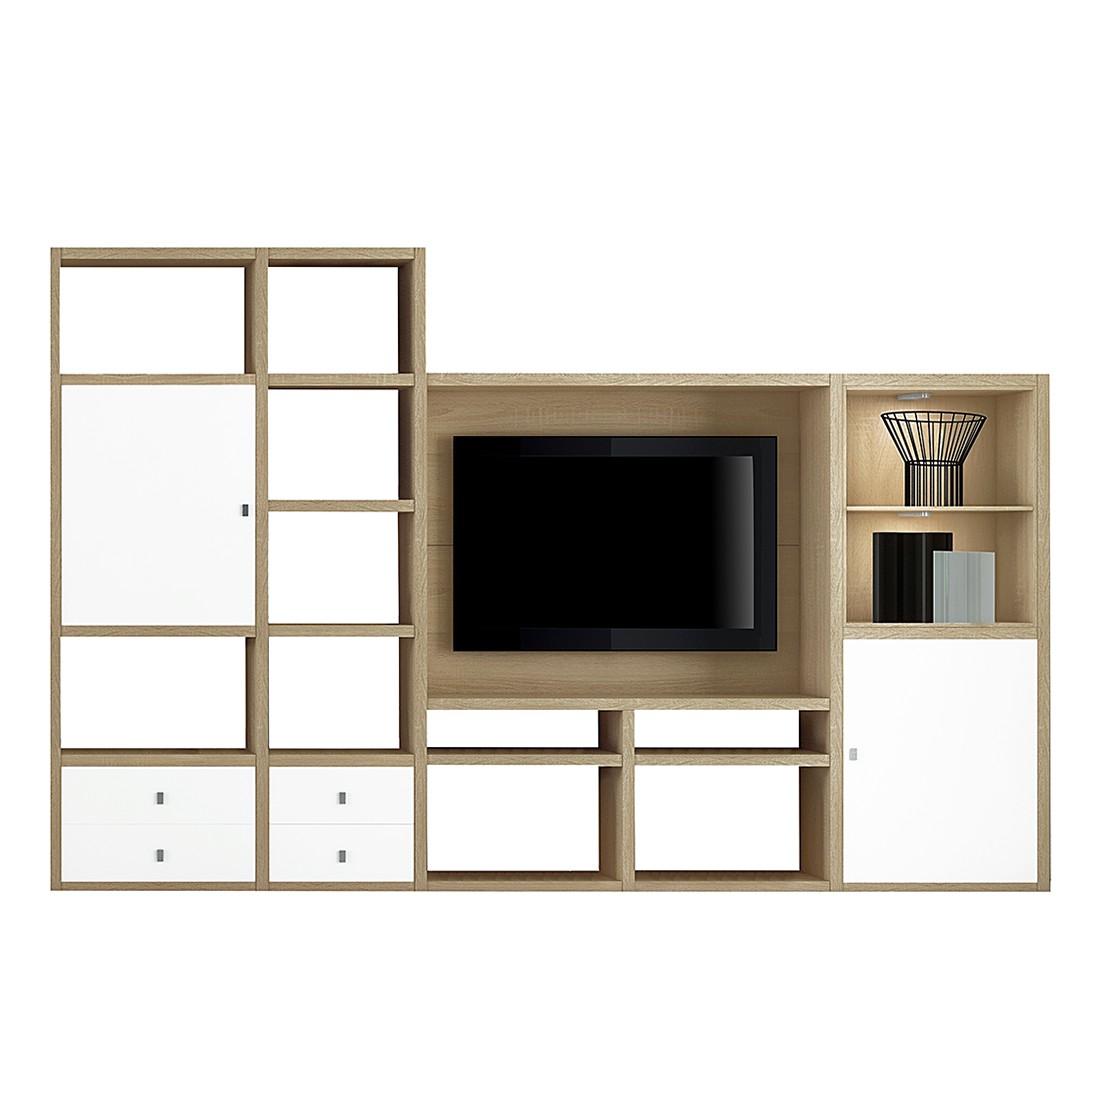 TV-Wand Emporior II | Wohnzimmer > TV-HiFi-Möbel > TV-Wände | Fredriks